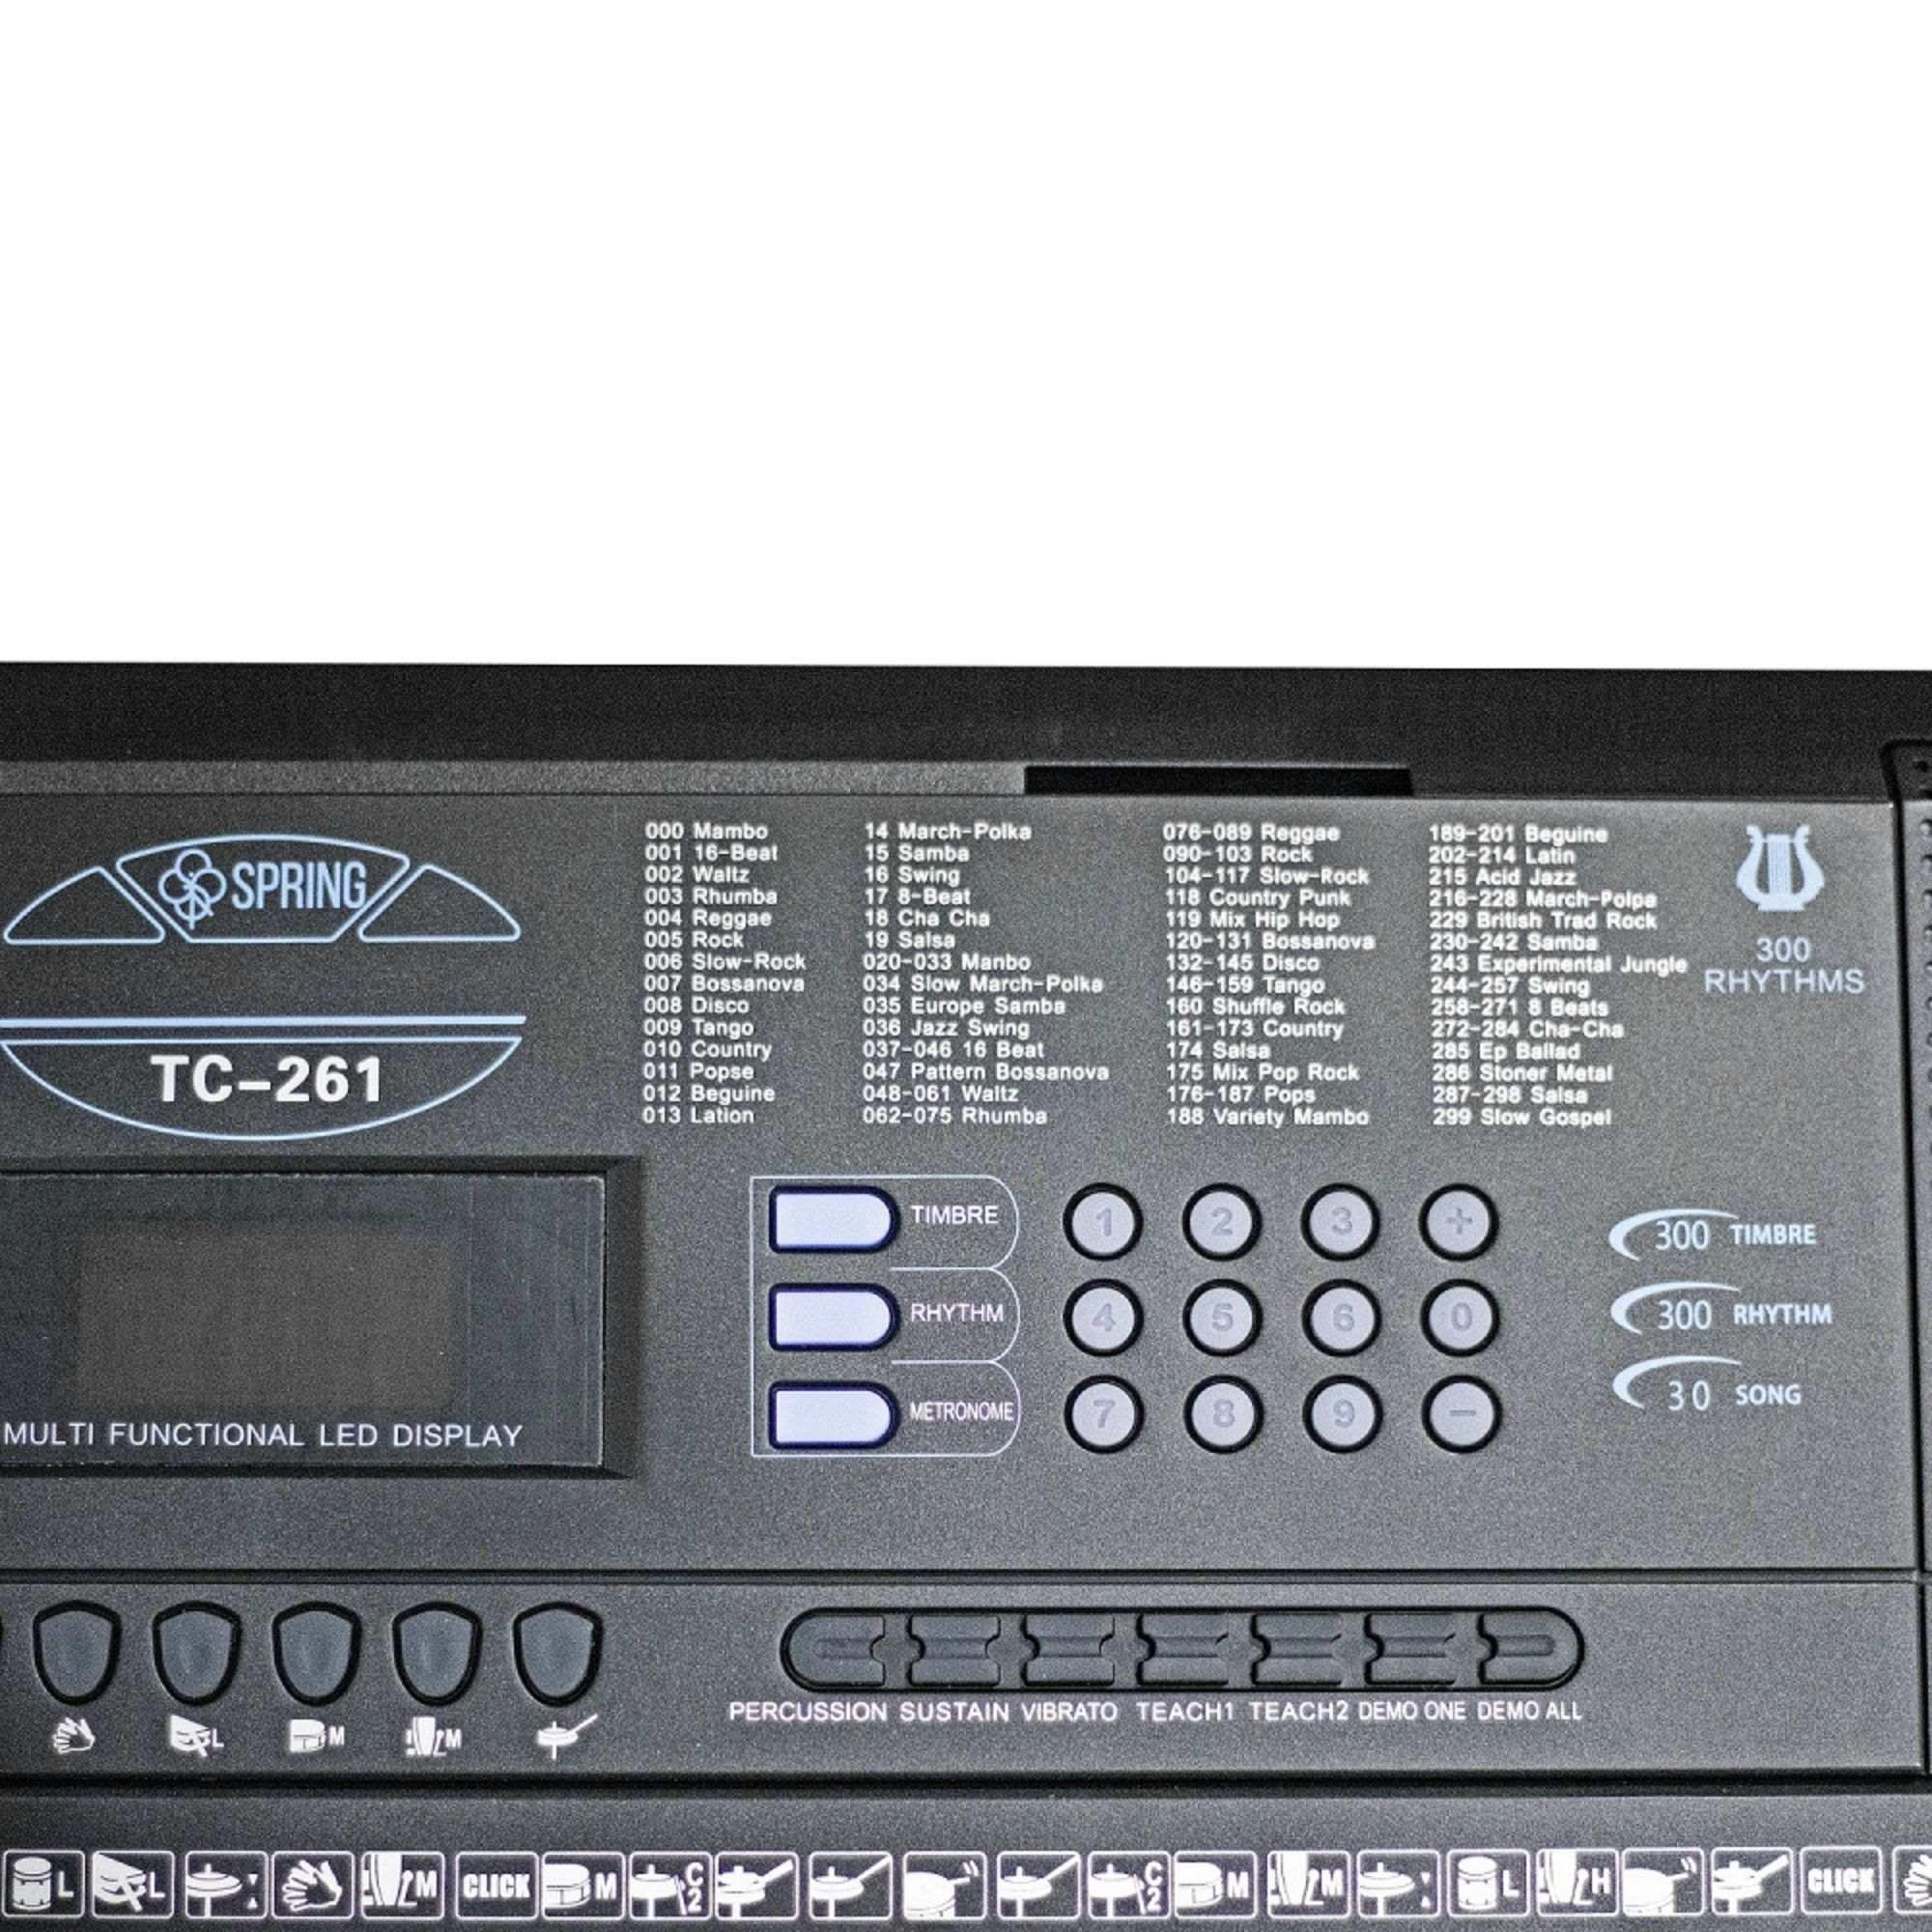 KIT TECLADO 61 TECLAS TC-261 SPRING, SUPORTE PEDESTAL EM X IBOX E BANCO SM-029 SMART.